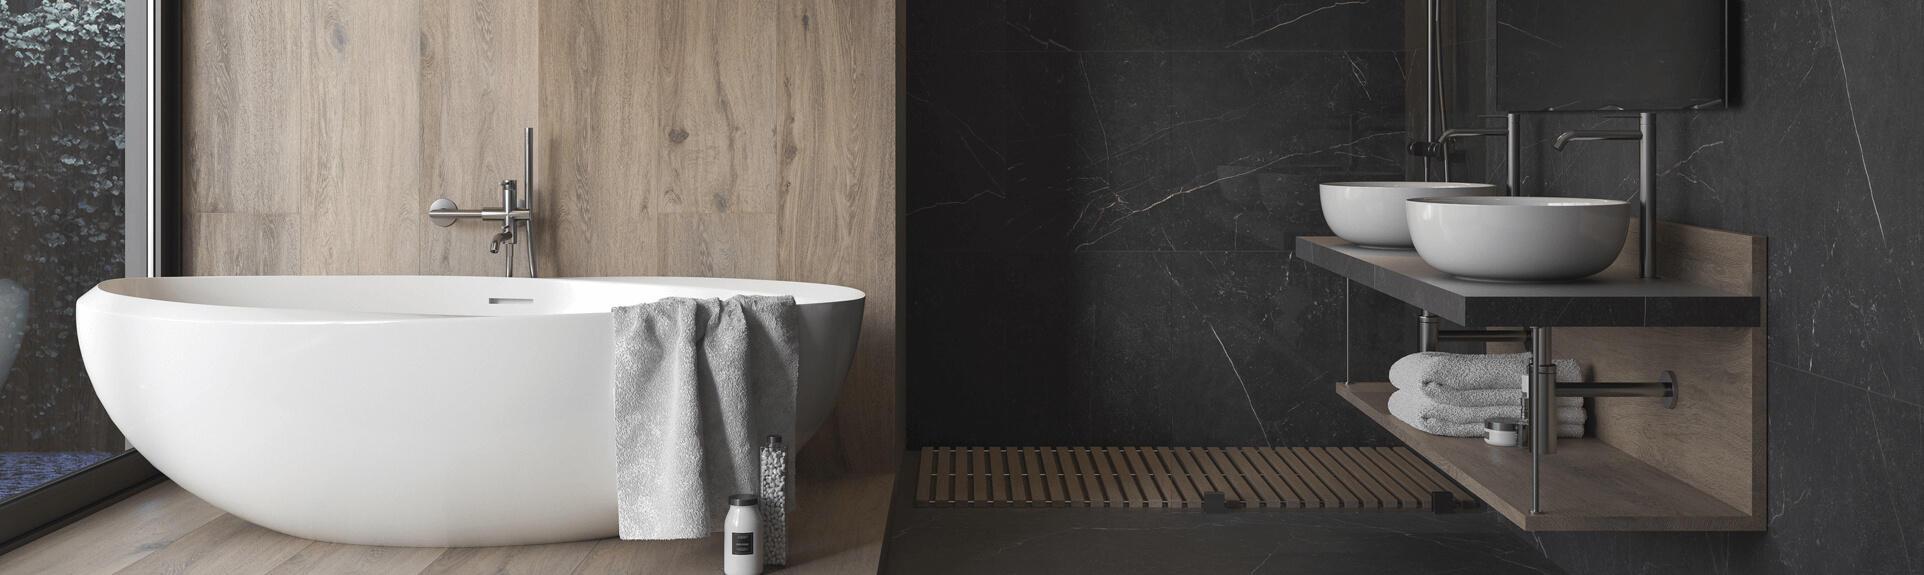 Barro Płytki Ceramiczne Sklepparadyzcom